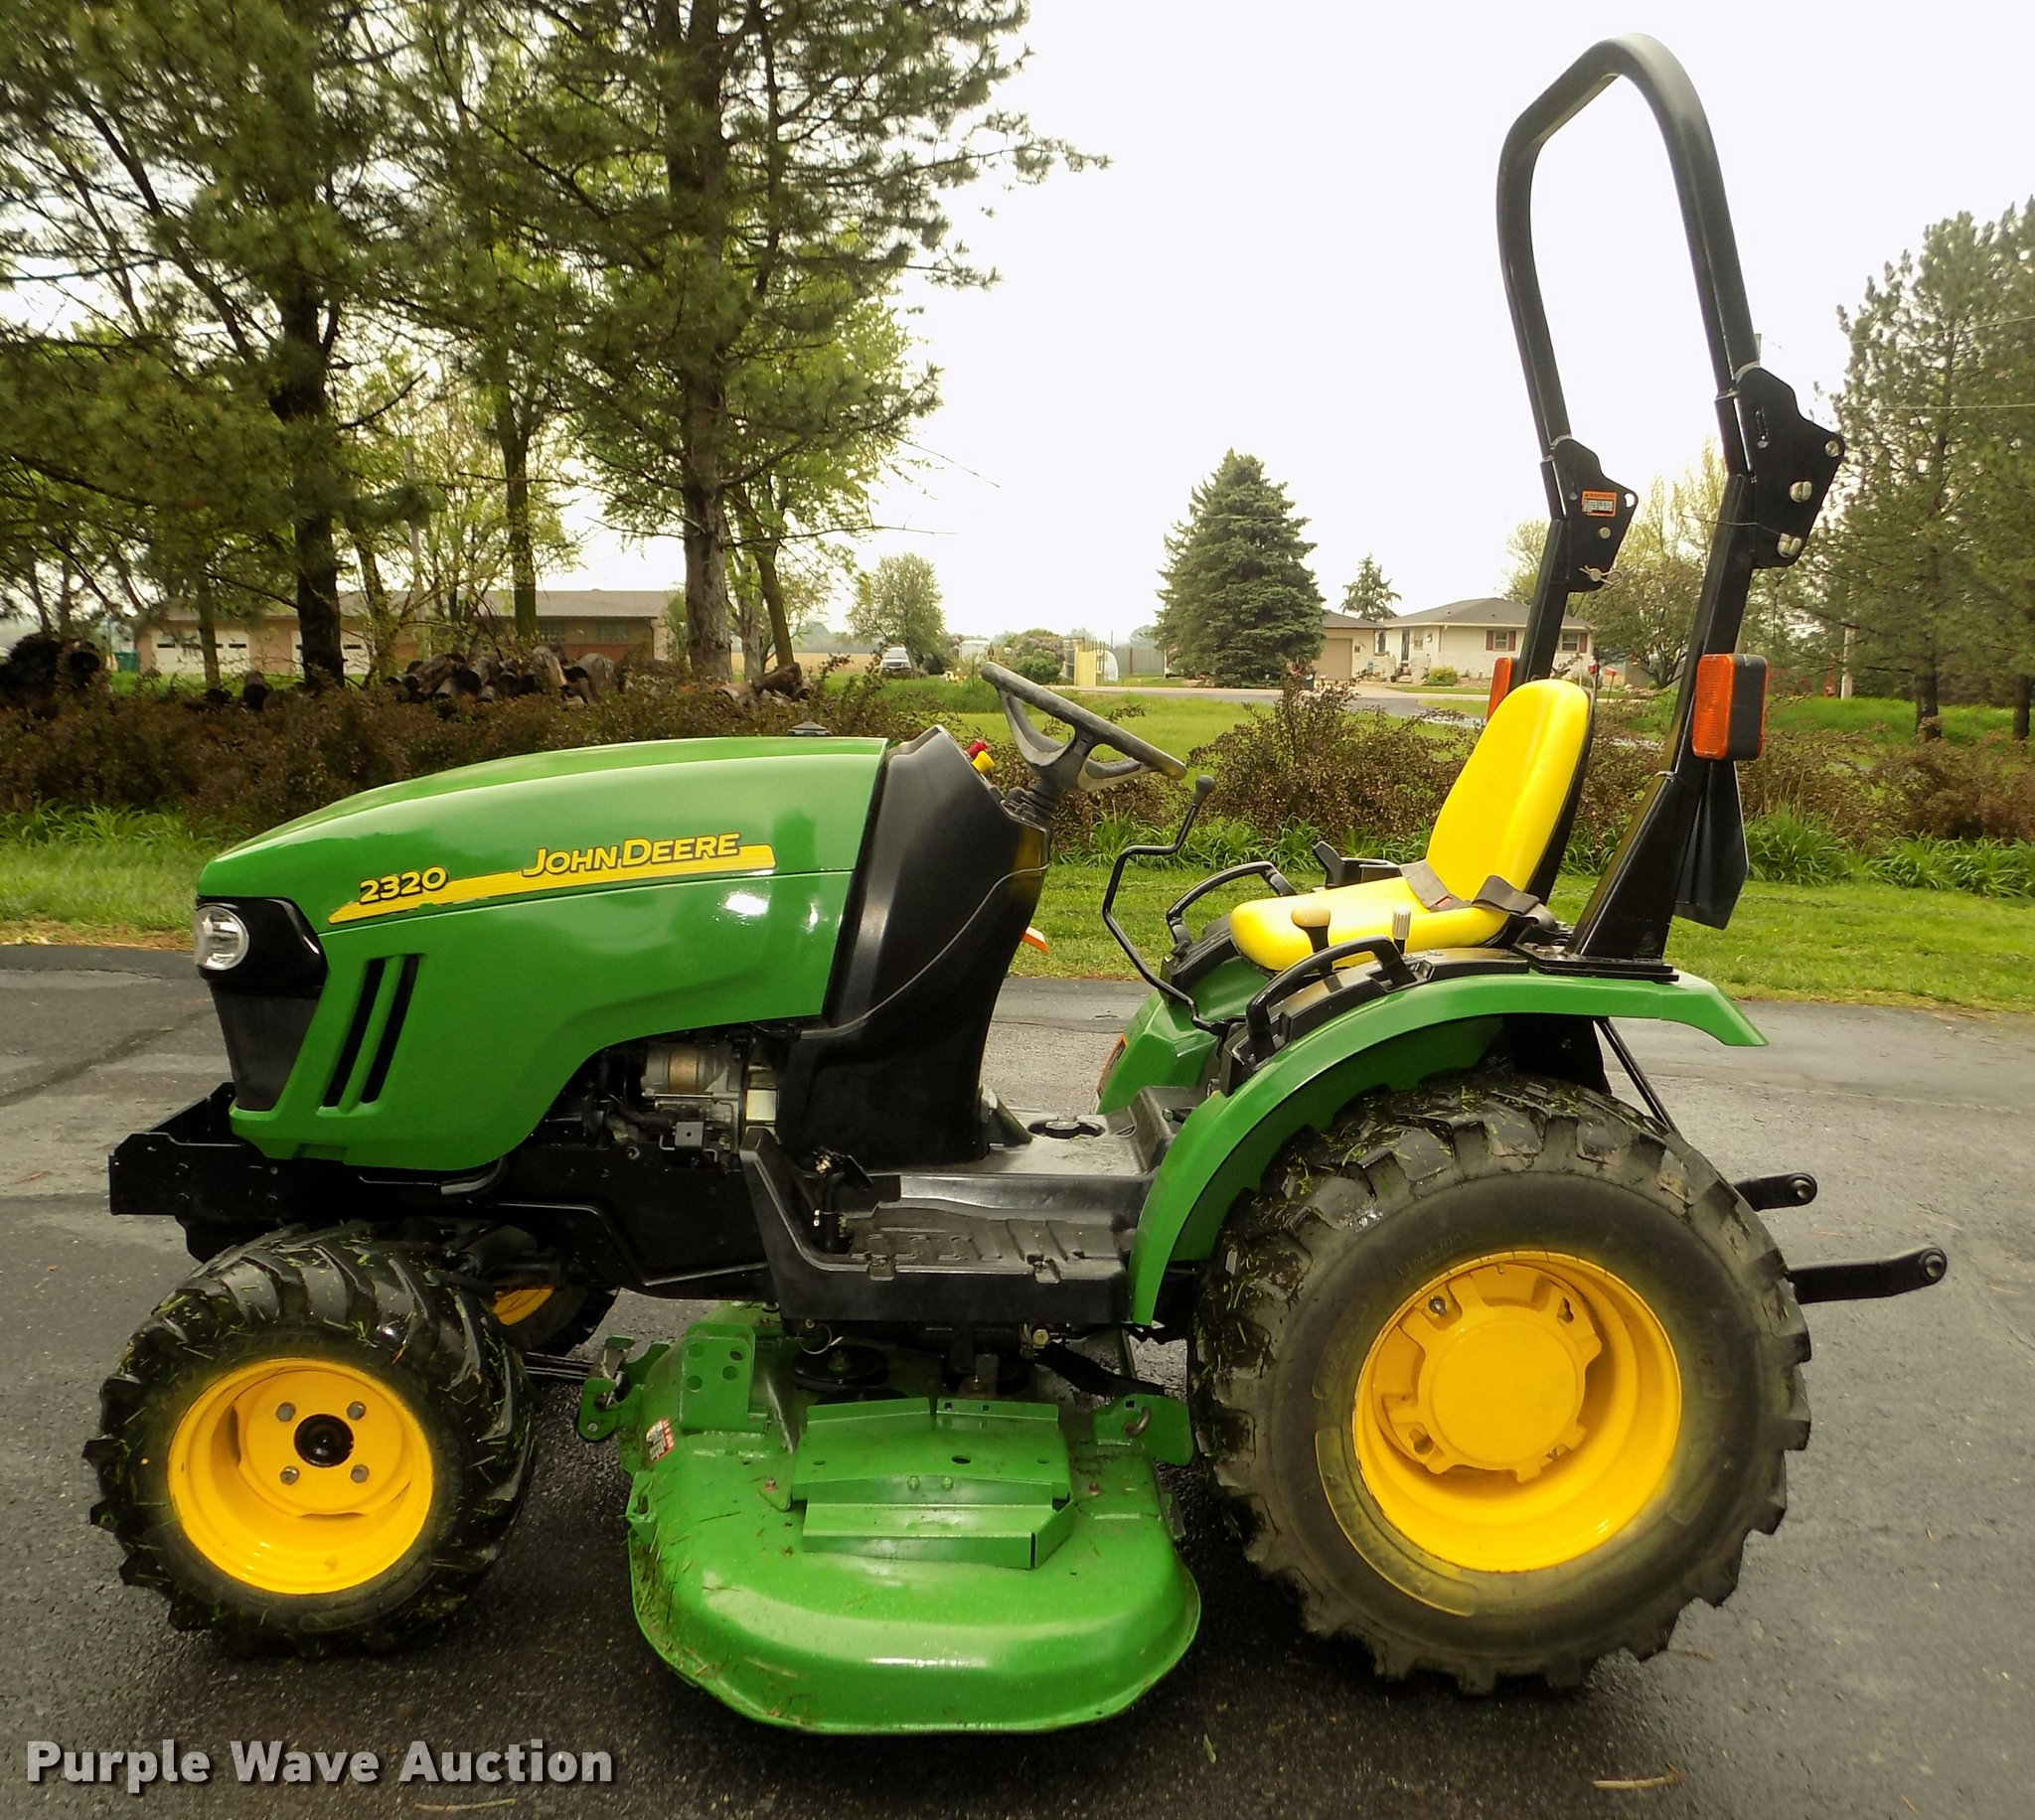 ... John Deere 2320 MFWD tractor Full size in new window ...